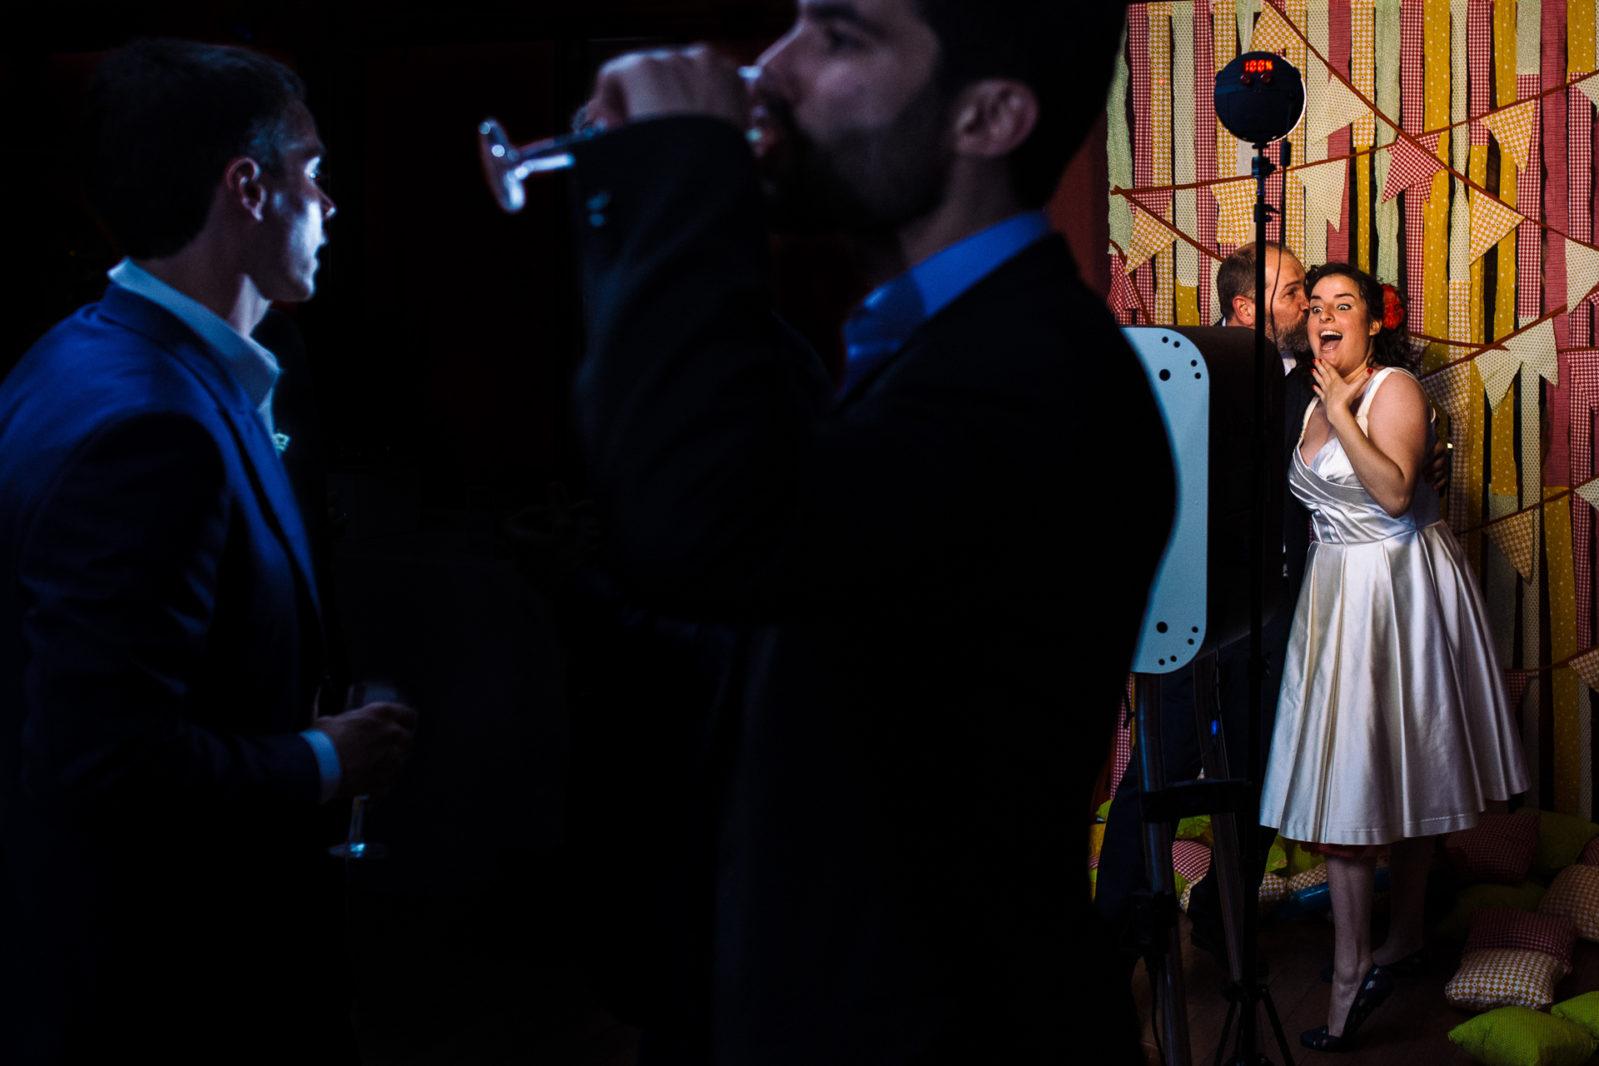 La mariée au photobooth par Ernestine et sa famille photographe de mariage à l'approche reportage